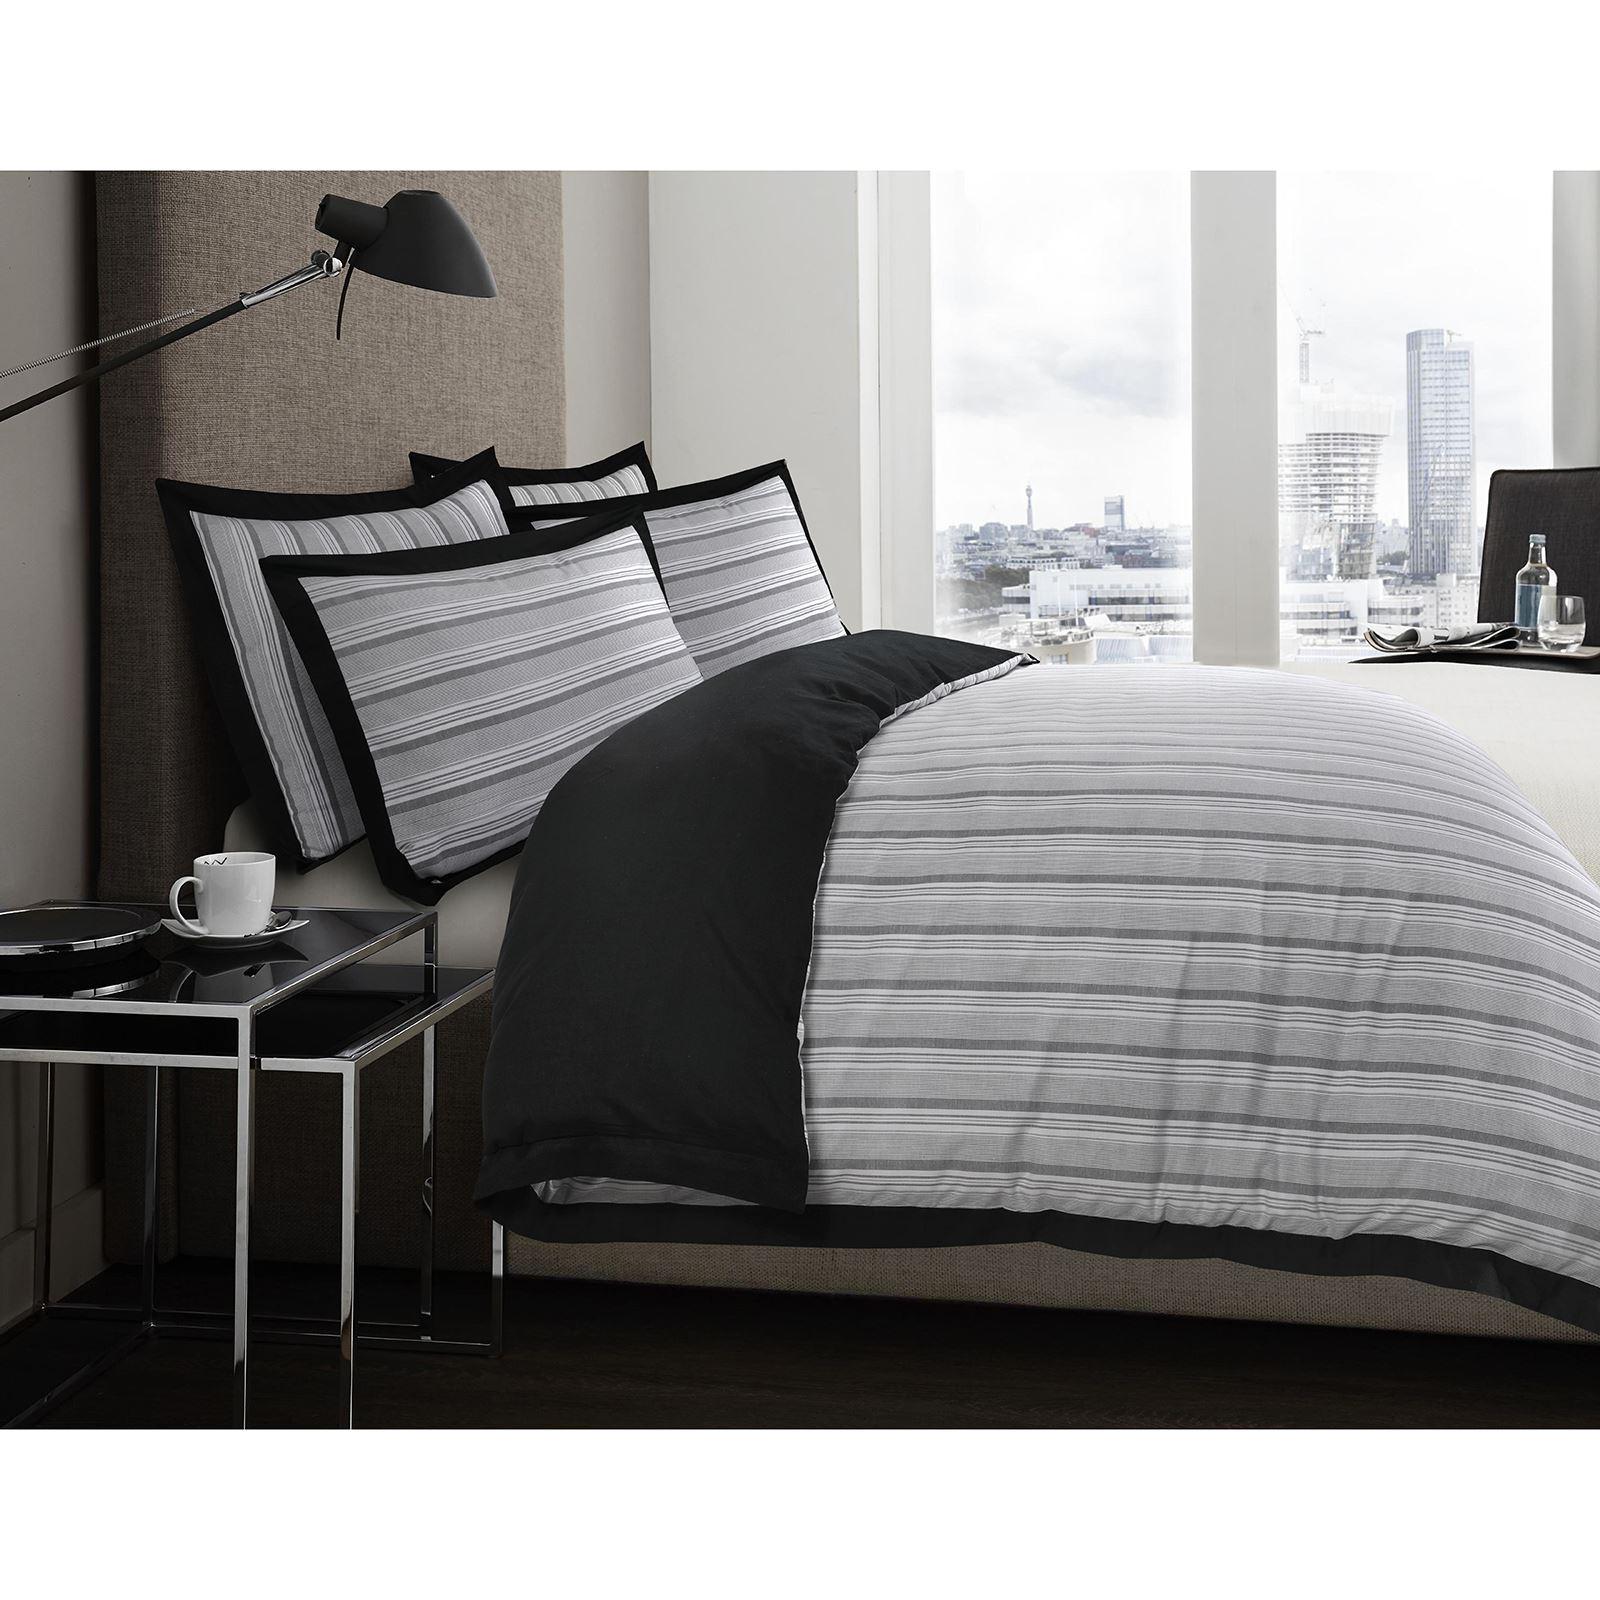 100-Algodon-Cuidado-facil-cubierta-del-edredon-edredon-multicolor-nuevo-conjunto-de-ropa-de-cama miniatura 3